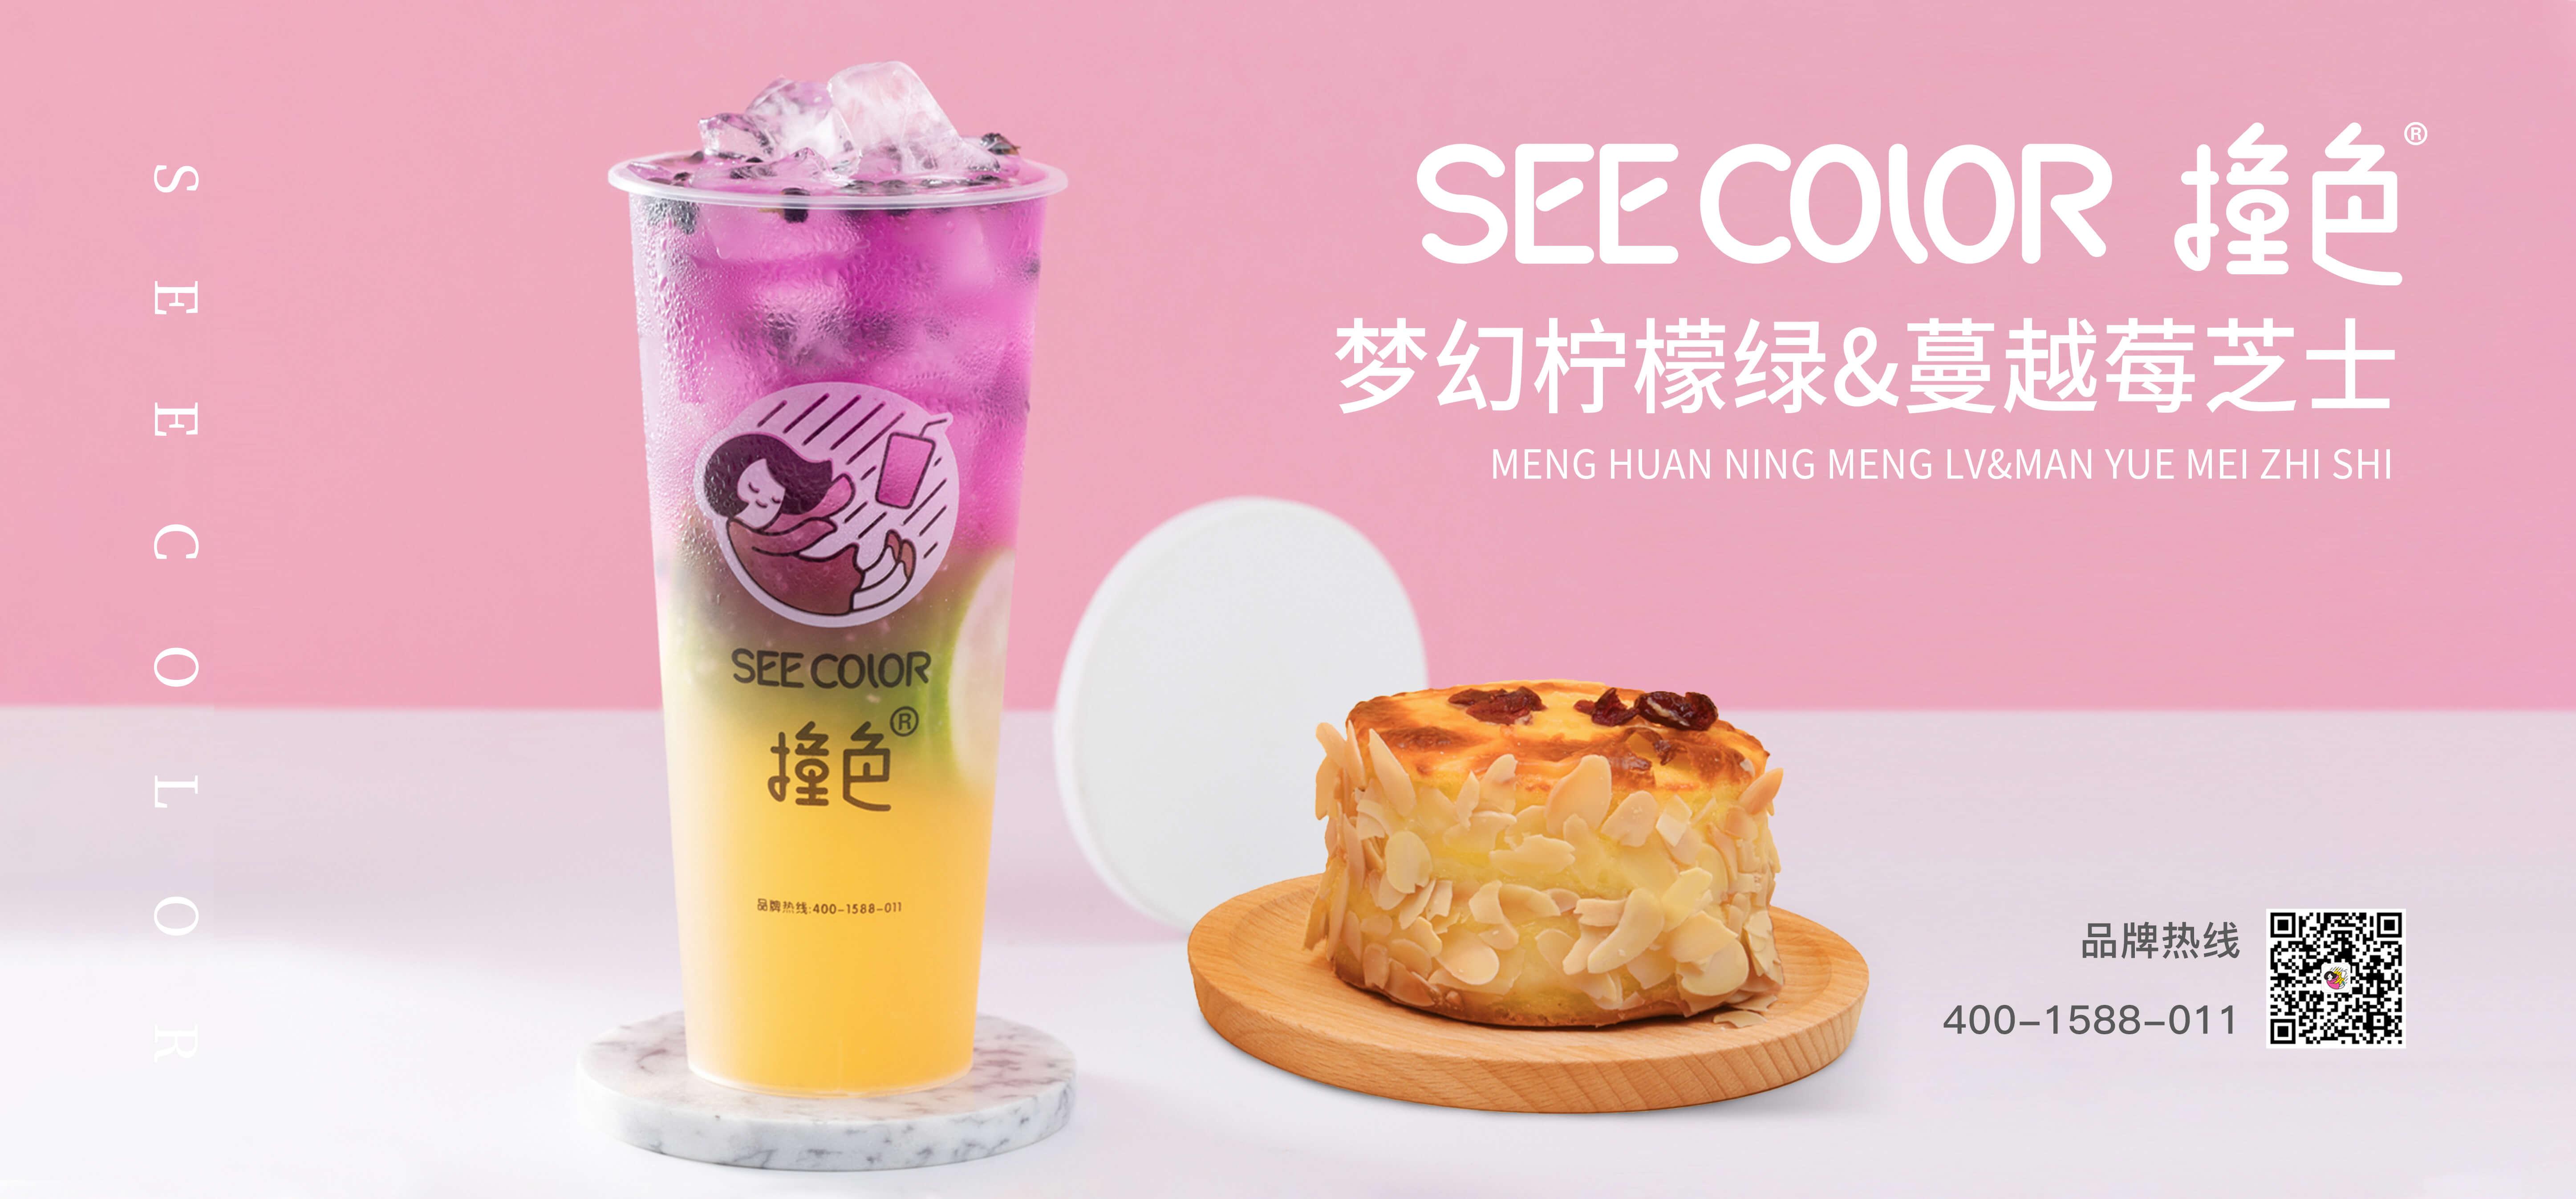 奶茶店开在北京这边可以吗?撞色奶茶好不好?